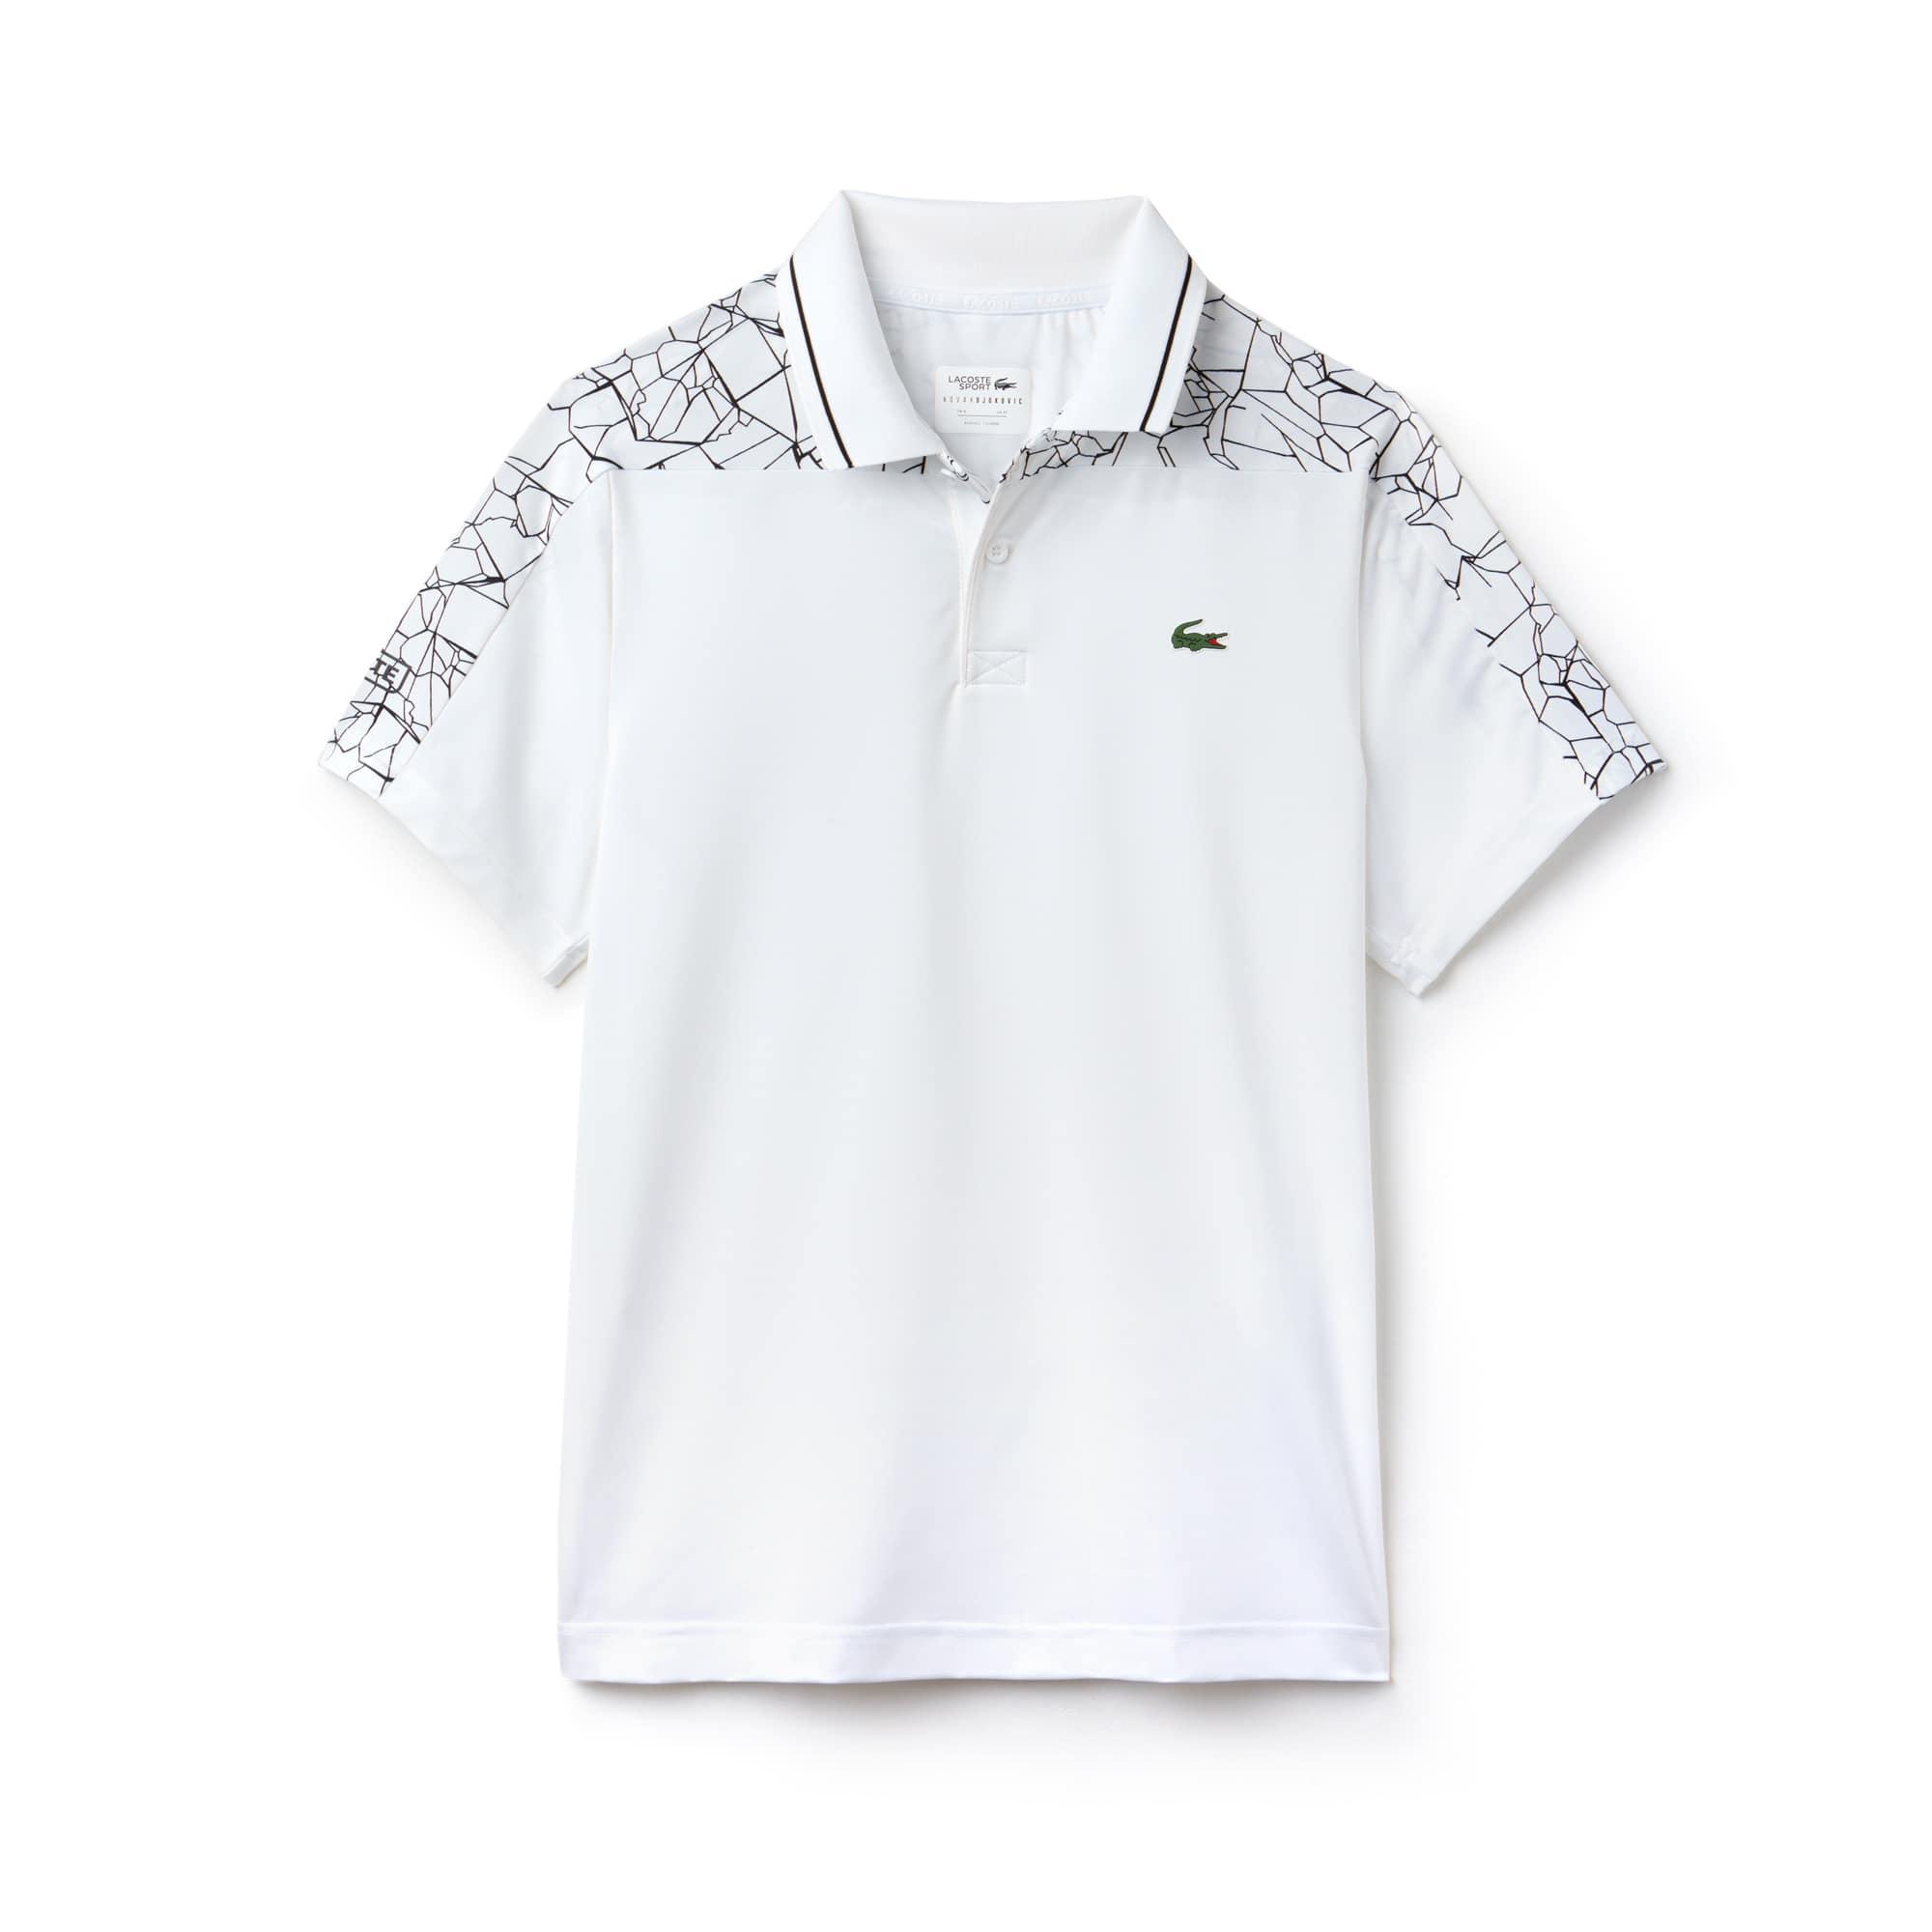 라코스테 스포츠 반팔 카라티 Lacoste Mens SPORT Stretch Technical Jersey Polo - x Novak Djokovic On Court Premium Edition,white/black